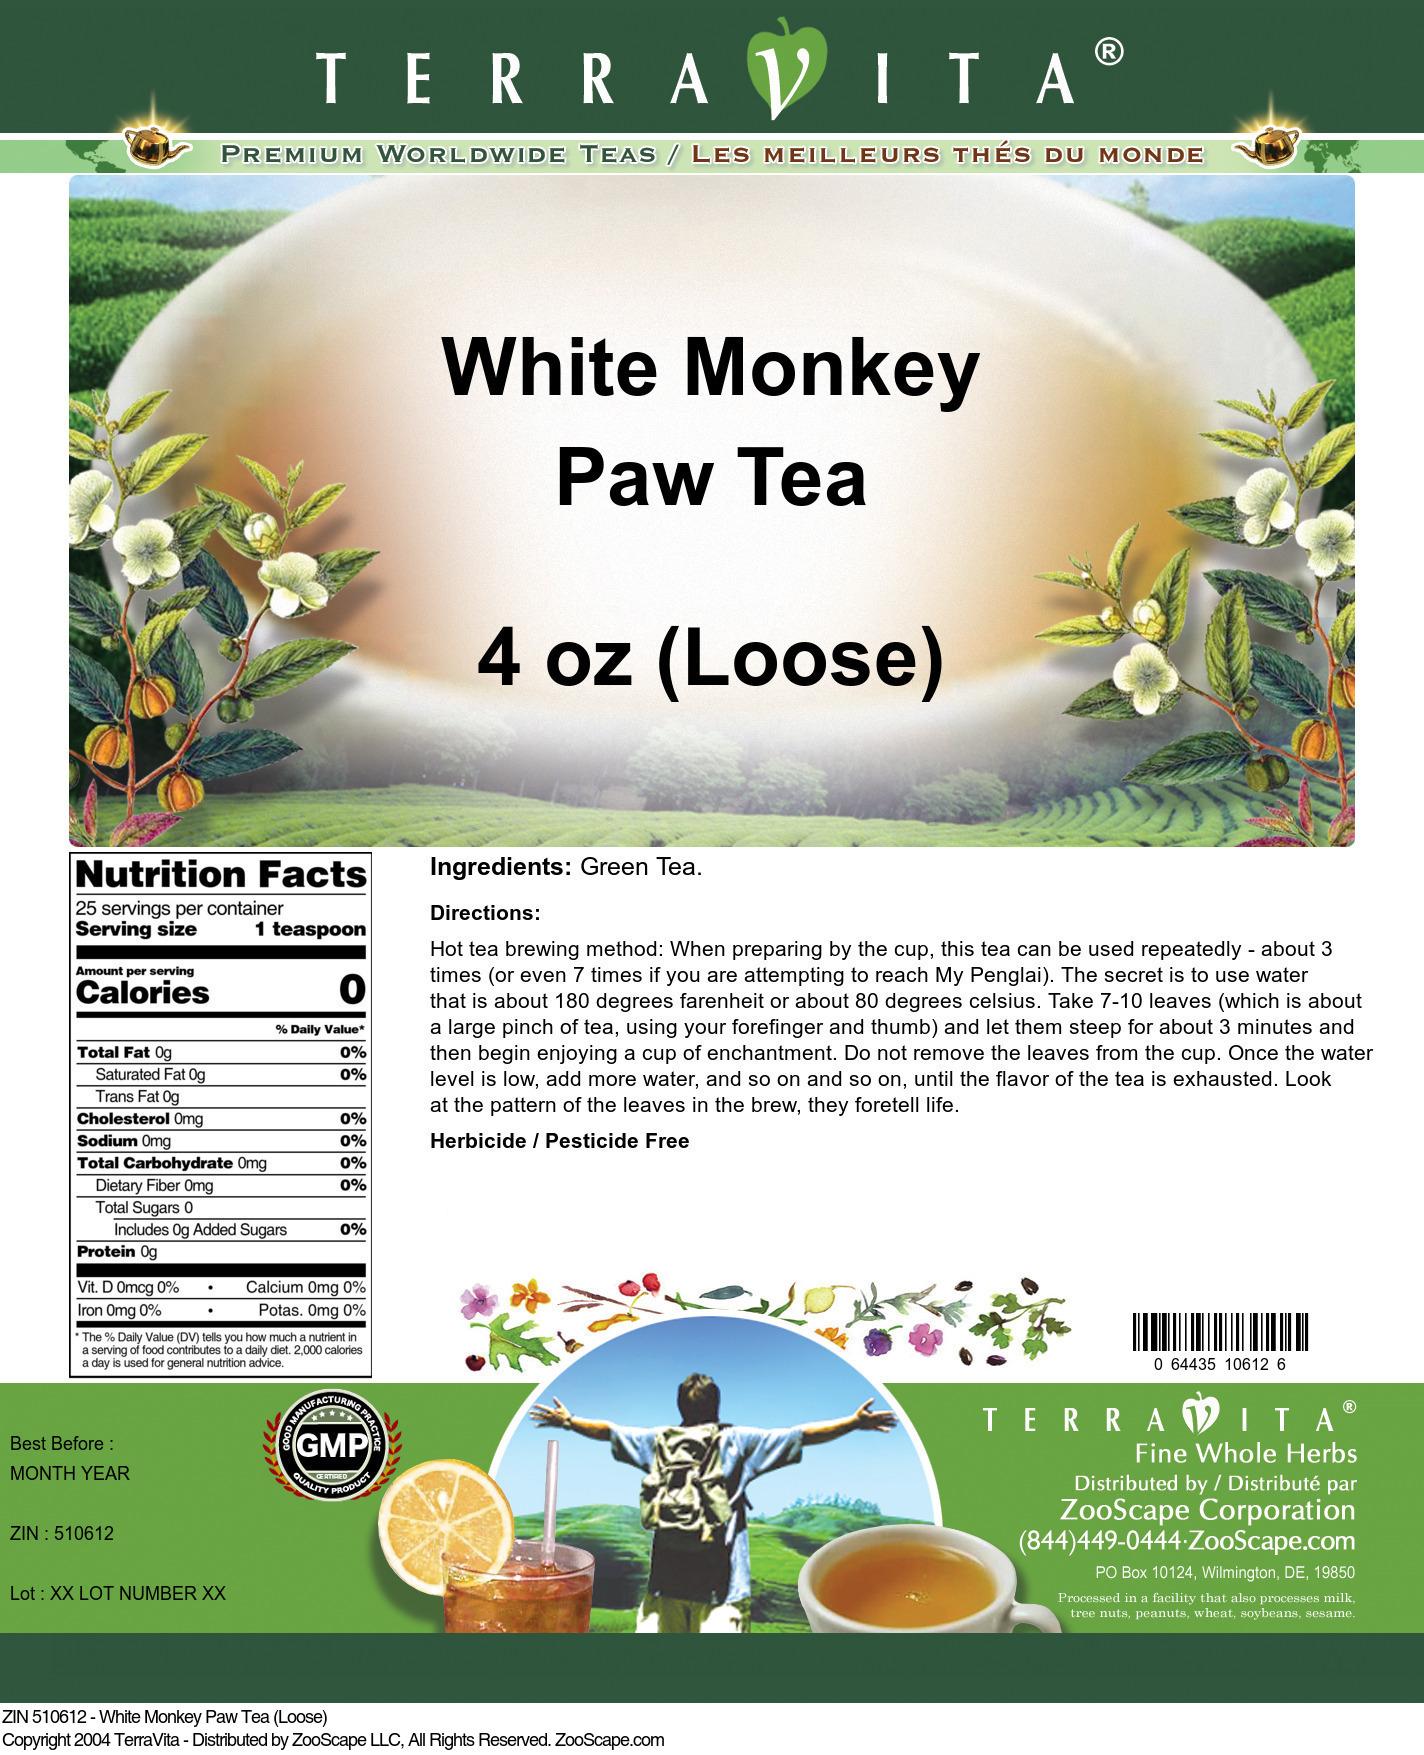 White Monkey Paw